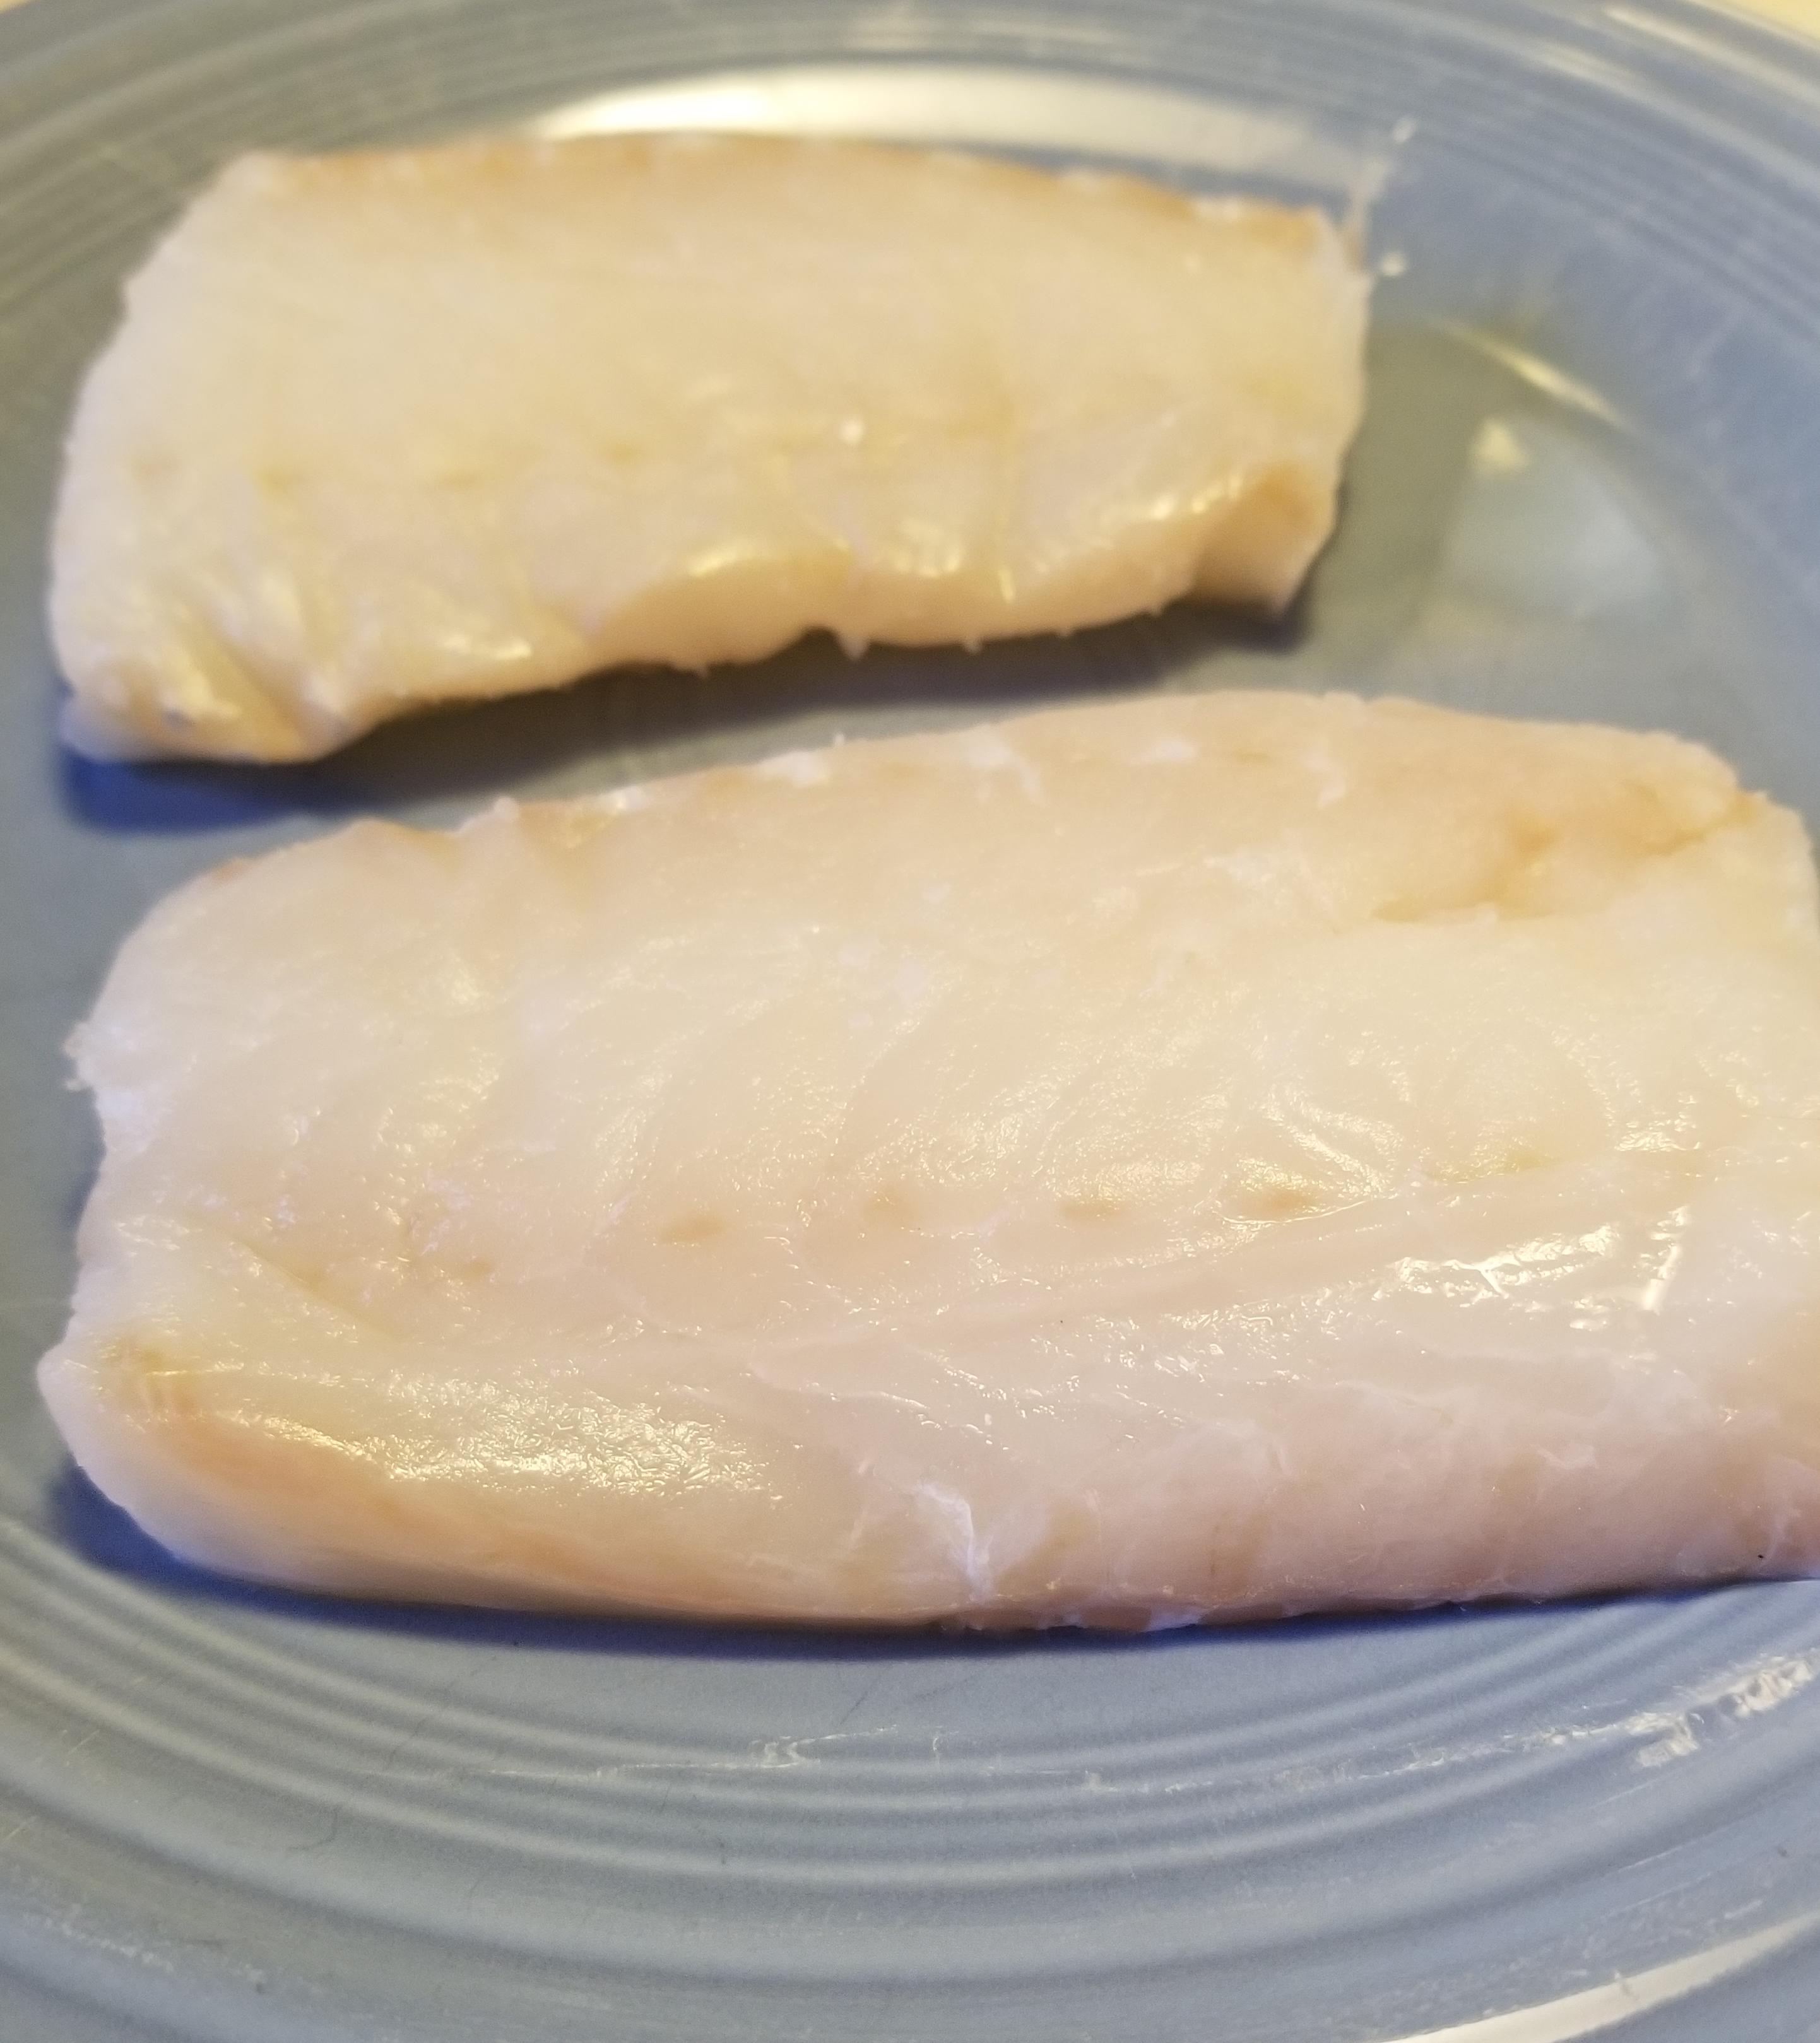 thawed Icelandic cod